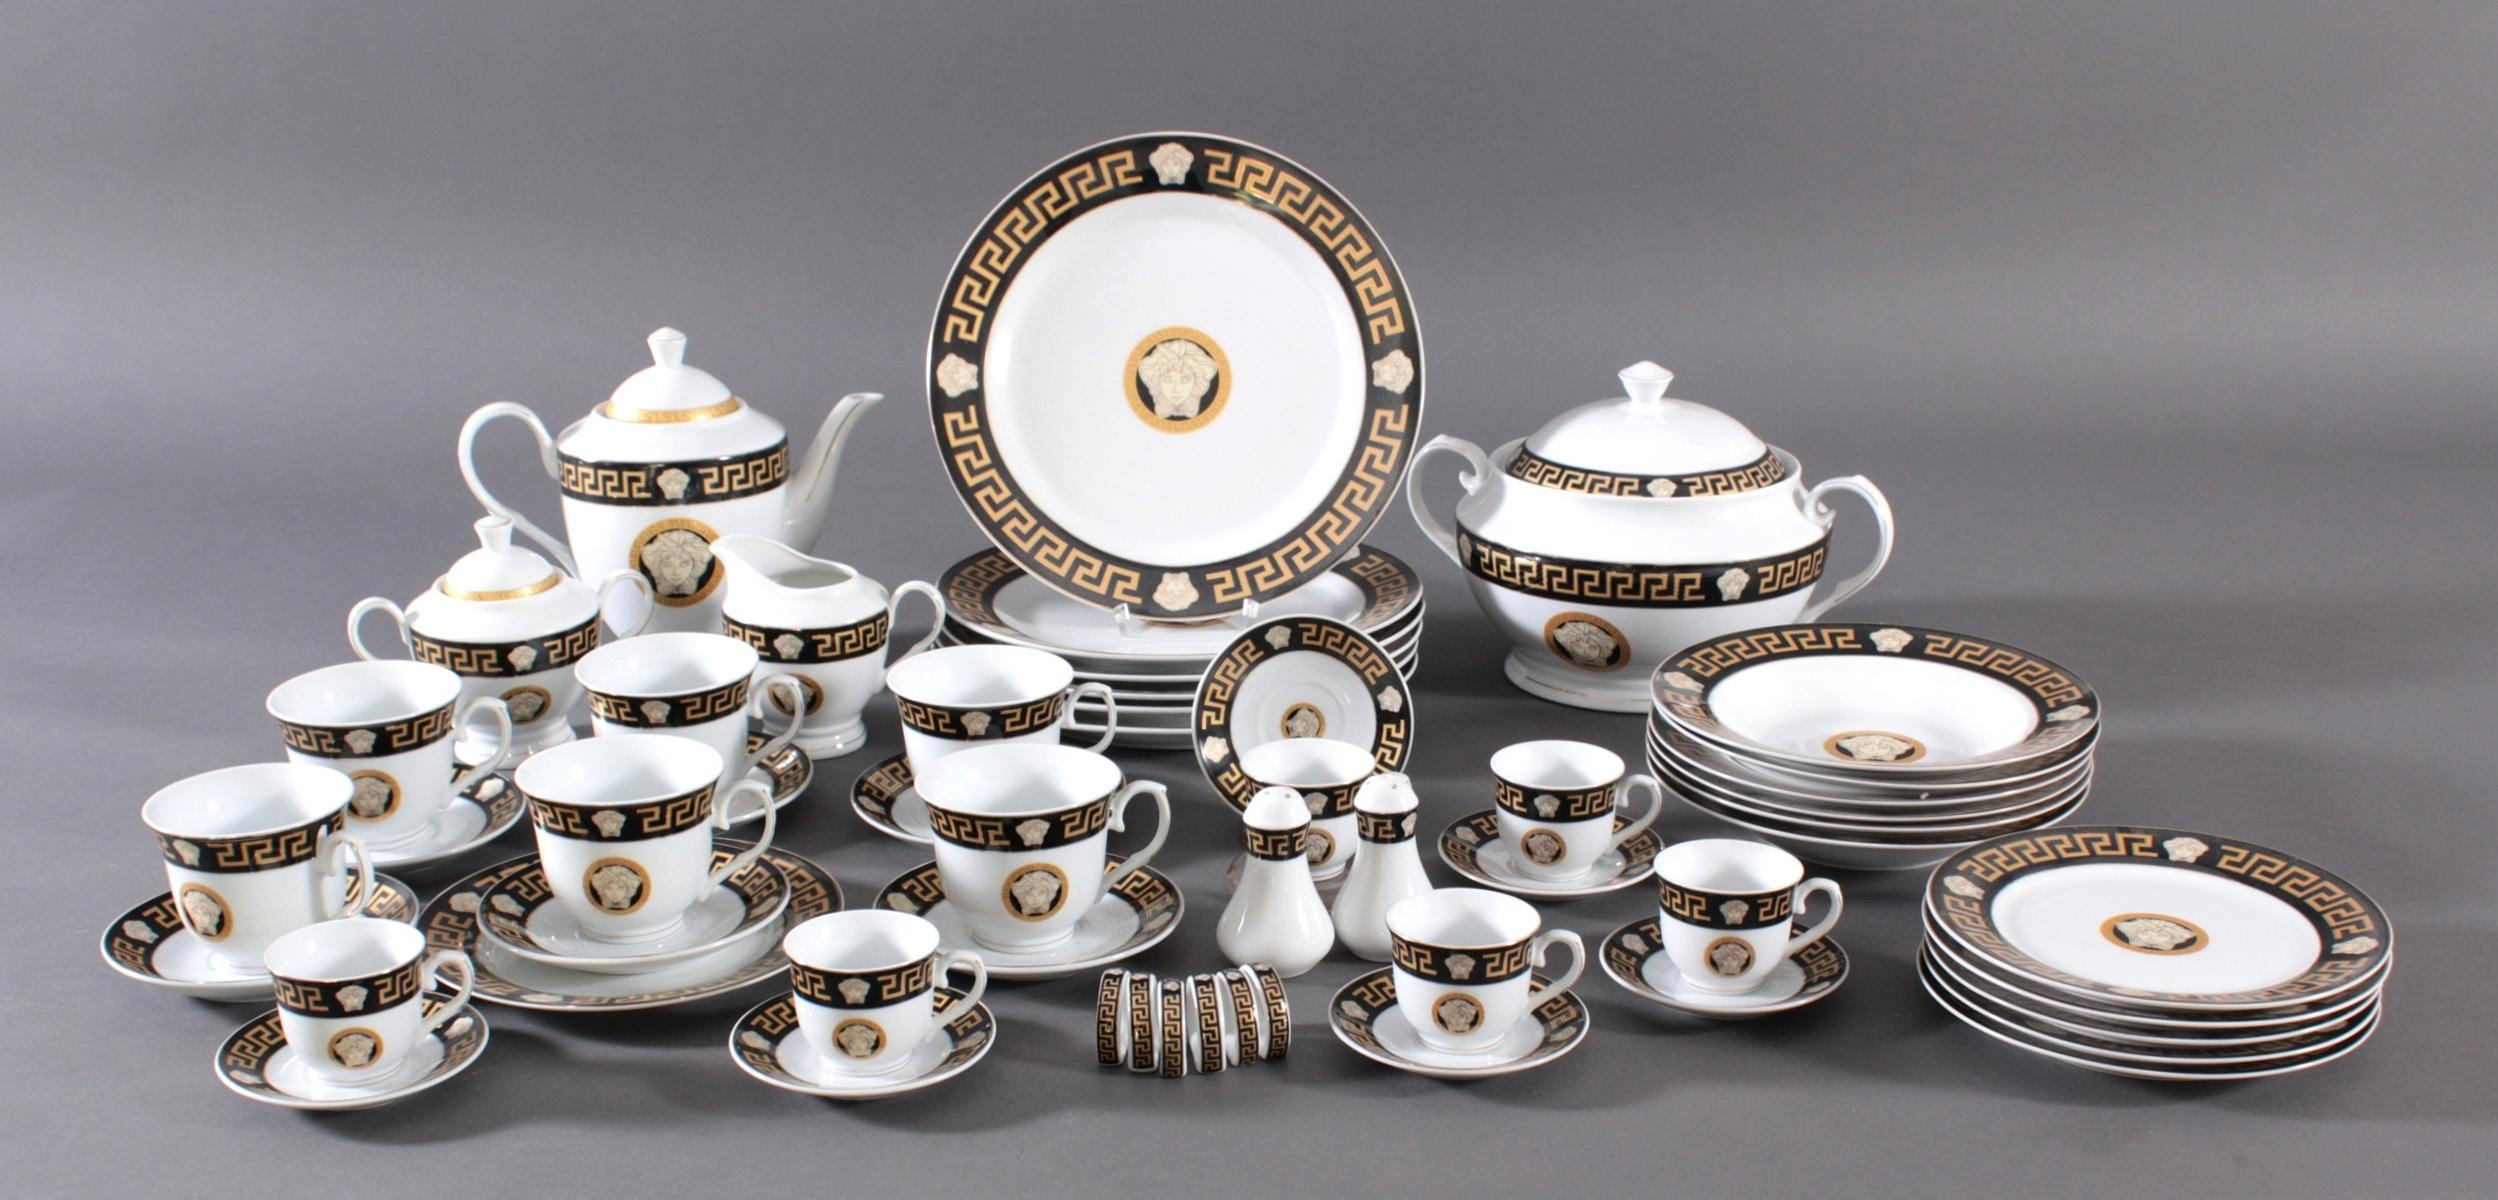 Großes Tafelservice. Da Vinci Collection – 'Nero' Black-Gold – Limited Edition